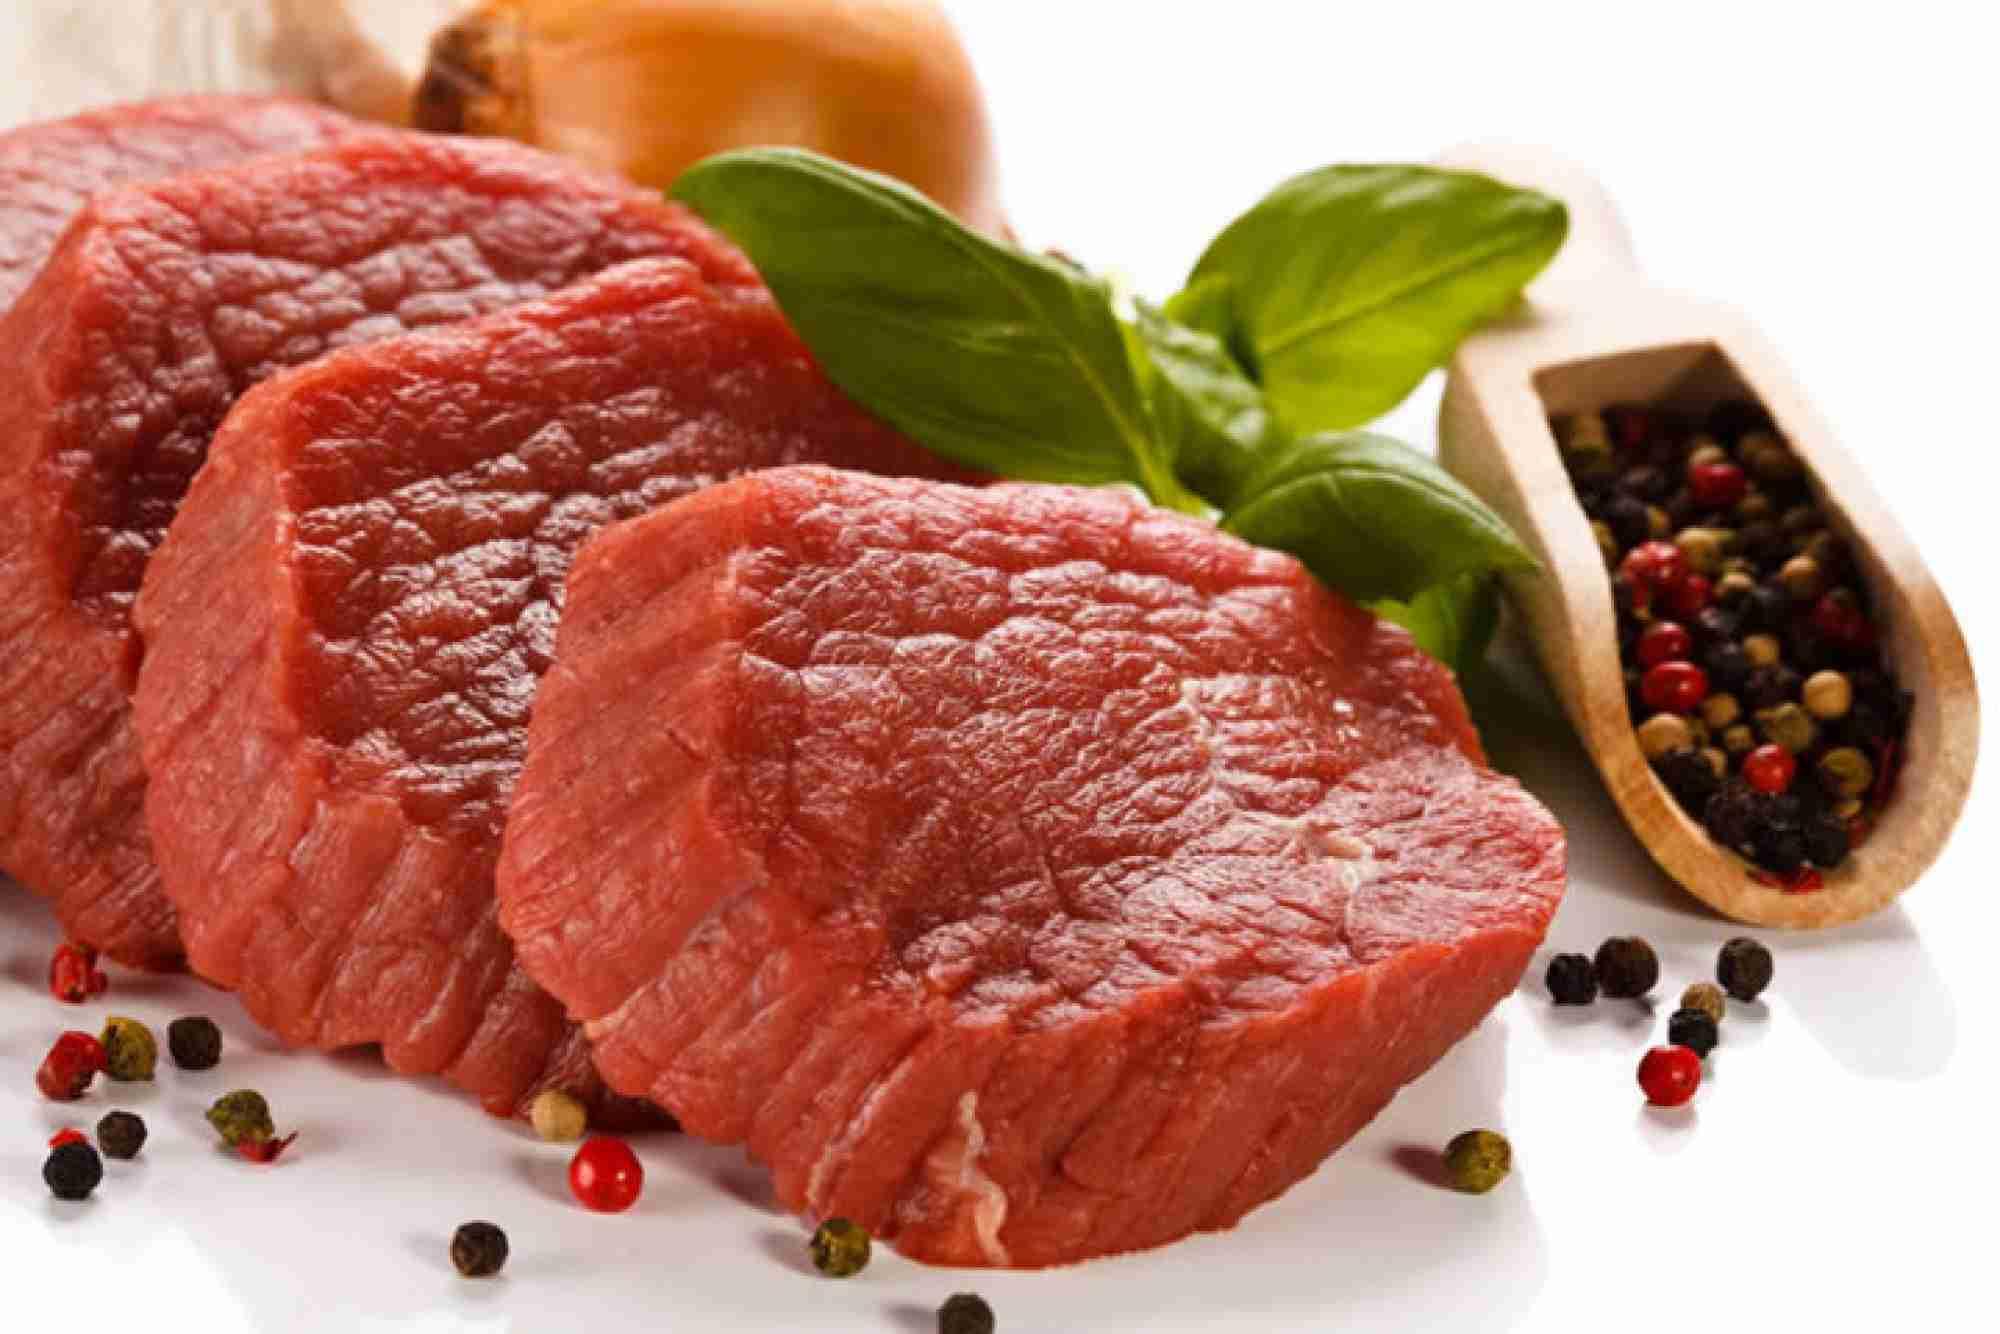 Cara Memasak Daging Segar